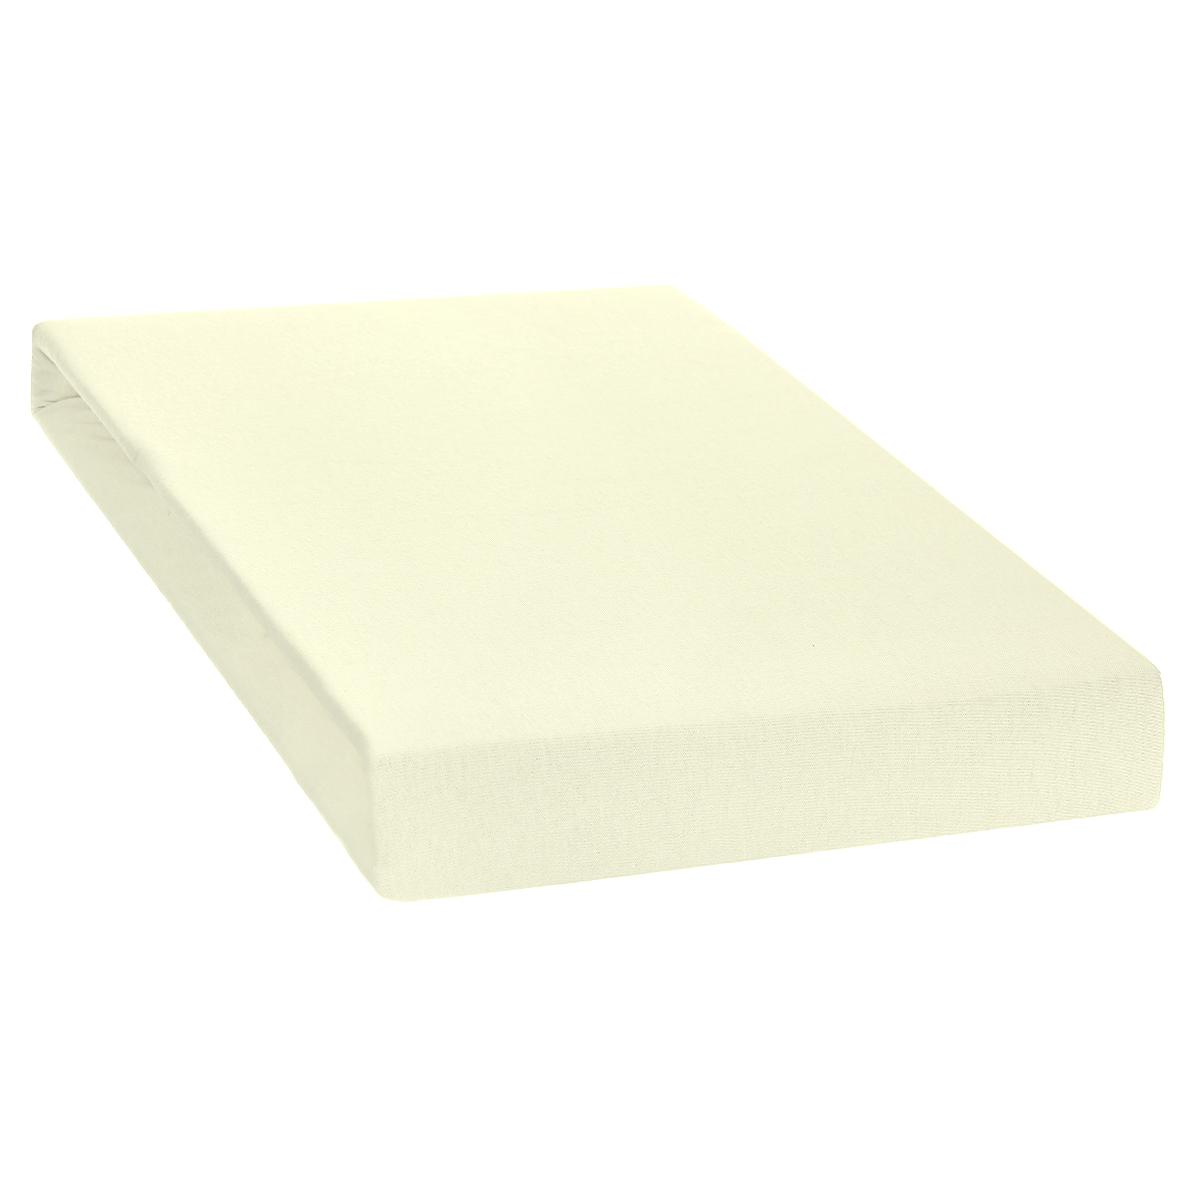 Простыня на резинке Tete-a-Tete, цвет: лимон, 180 см х 200 смТ-ПР-6010Однотонная простыня на резинке Tete-a-Tete выполнена из натурального хлопка. Высочайшее качество материала гарантирует безопасность не только взрослых, но и самых маленьких членов семьи. Простынягармонично впишется в интерьер вашего дома и создаст атмосферу уюта и комфорта. Особенности коллекции Tete-a-Tete: - выдерживает более 100 стирок практически без изменения внешнего вида, - модные цвета и стойкие оттенки, - минимальная усадка, - надежные резинки и износостойкая ткань, - безупречное качество, - гиппоаллергенно. Коллекция Tete-a-Tete специально создана для практичных людей, которые ценят качество и долговечность вещей, окружают своих близких теплотой и заботой. Высота до 25 см.